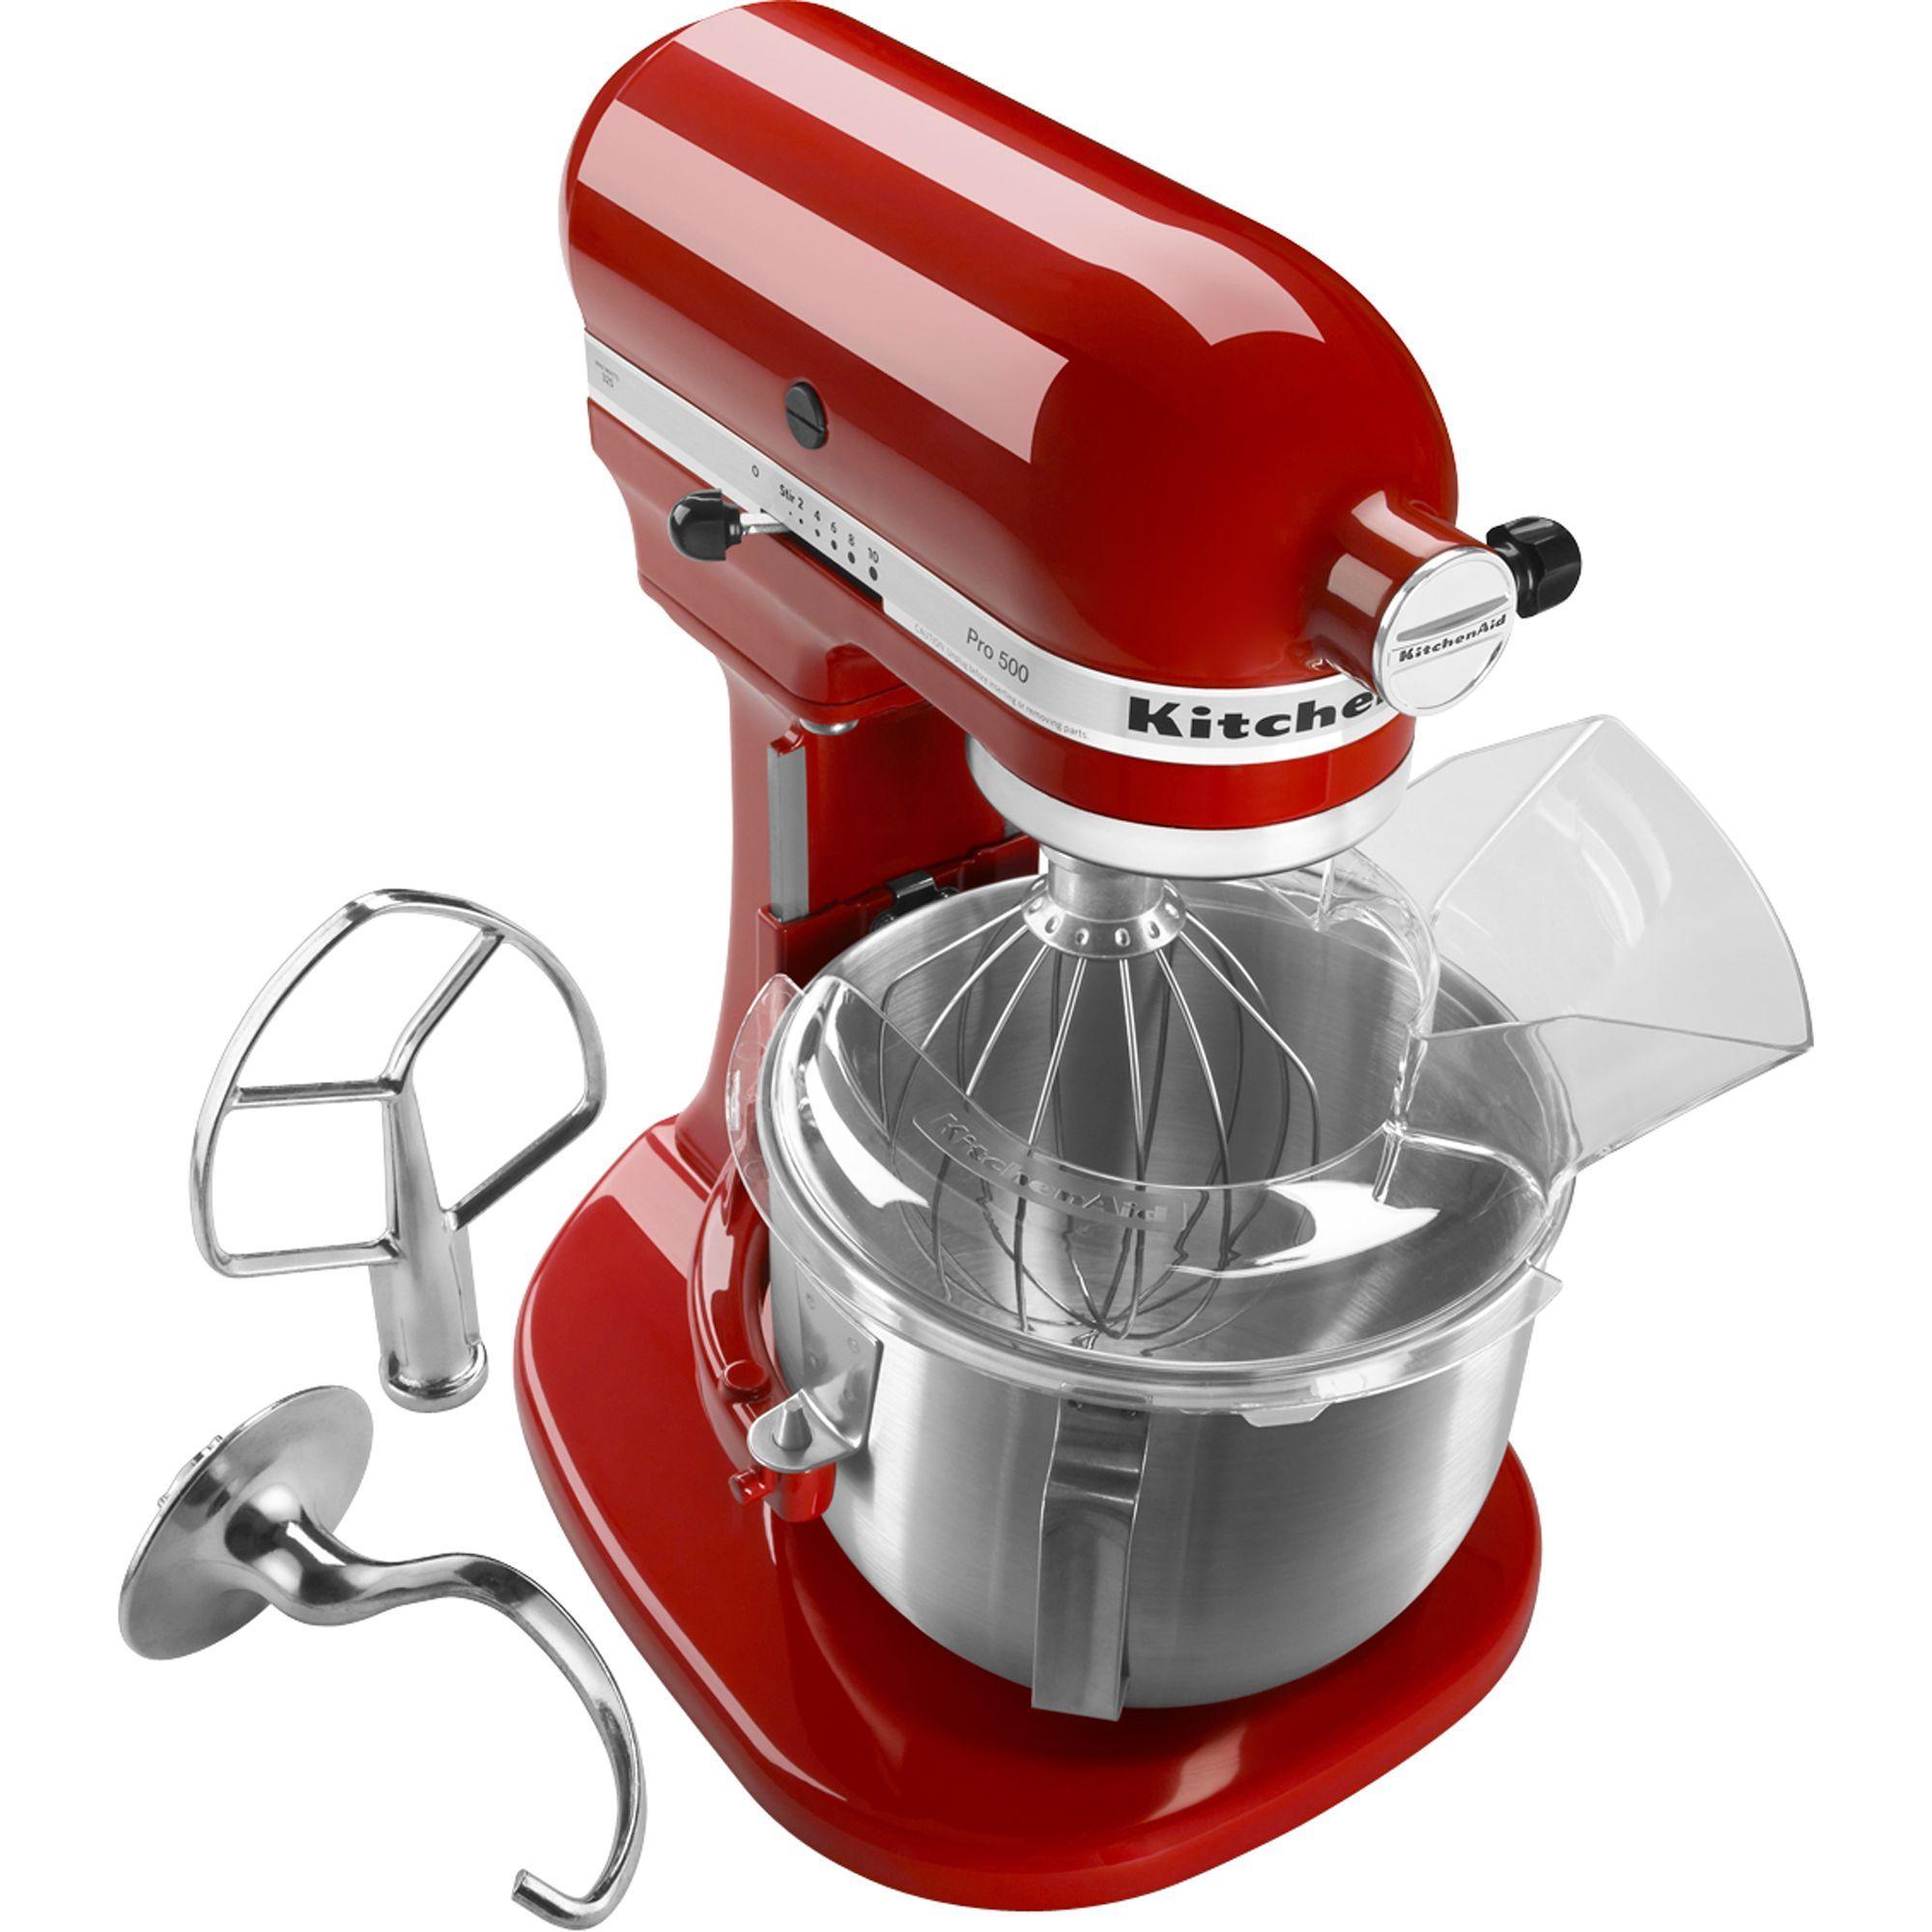 Kitchenaid ksm500pser pro 500 series stand mixer empire